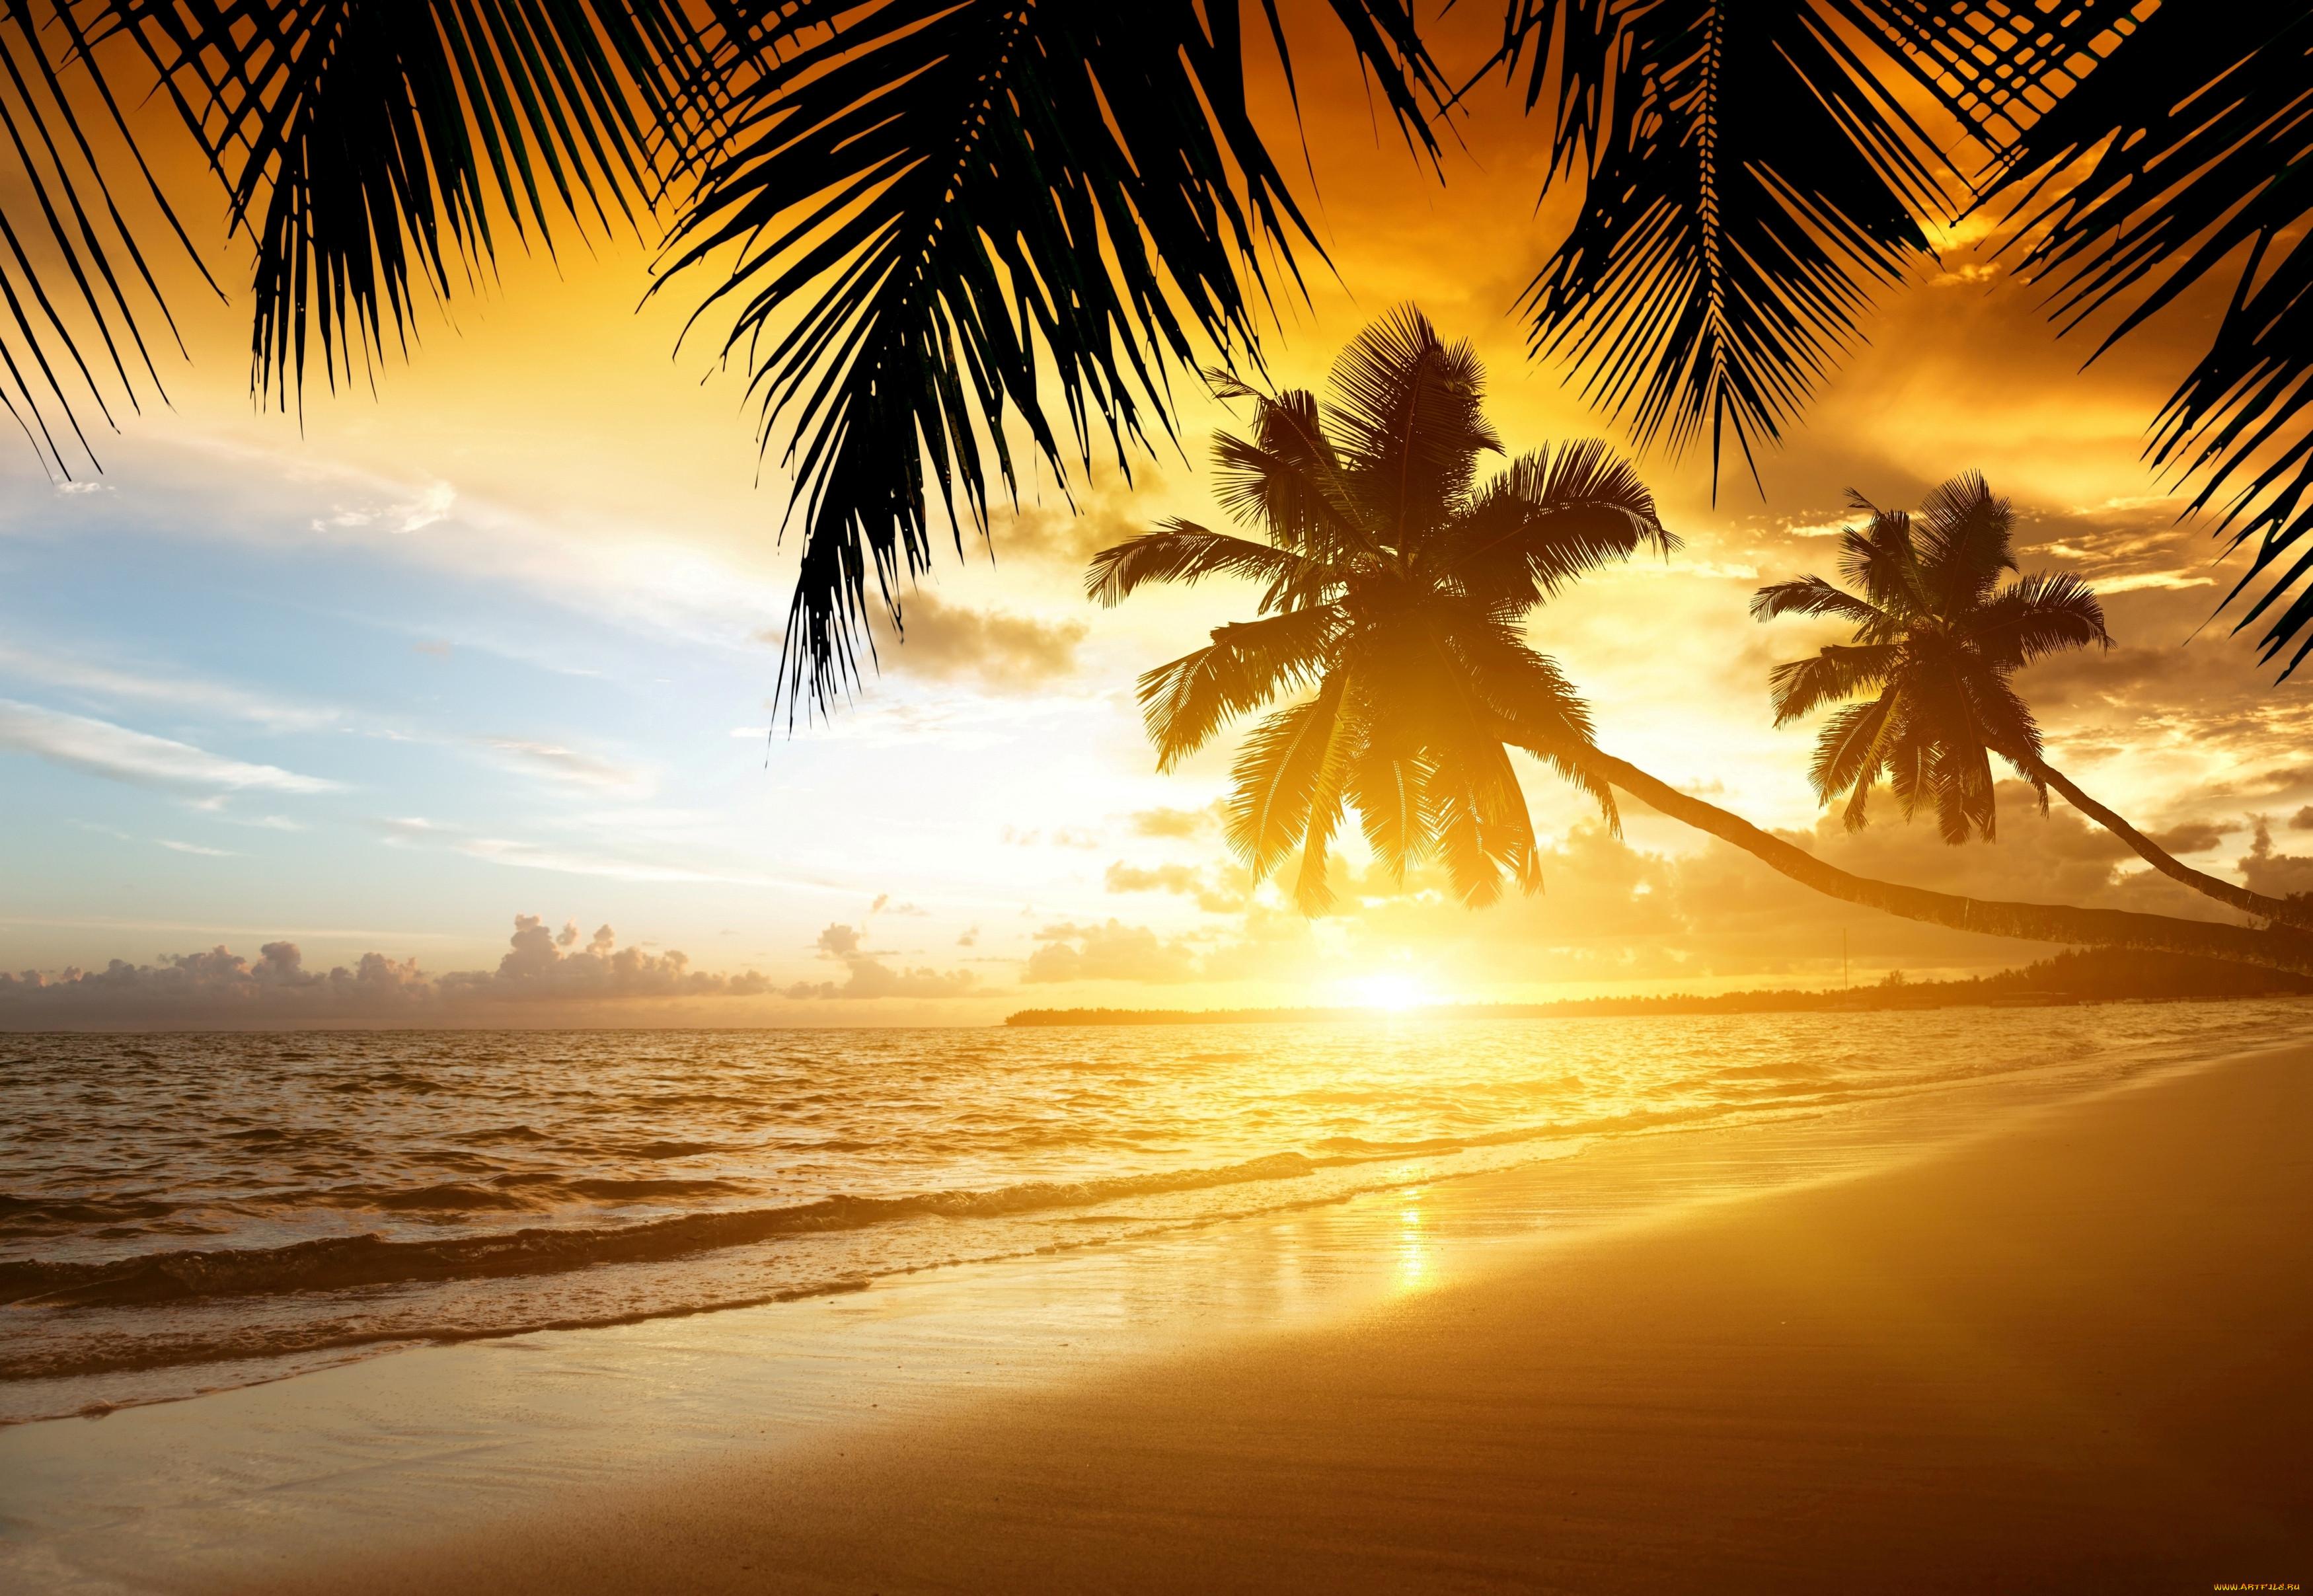 предельно понятно красивые картинки море и пальмы на рабочий стол первую очередь